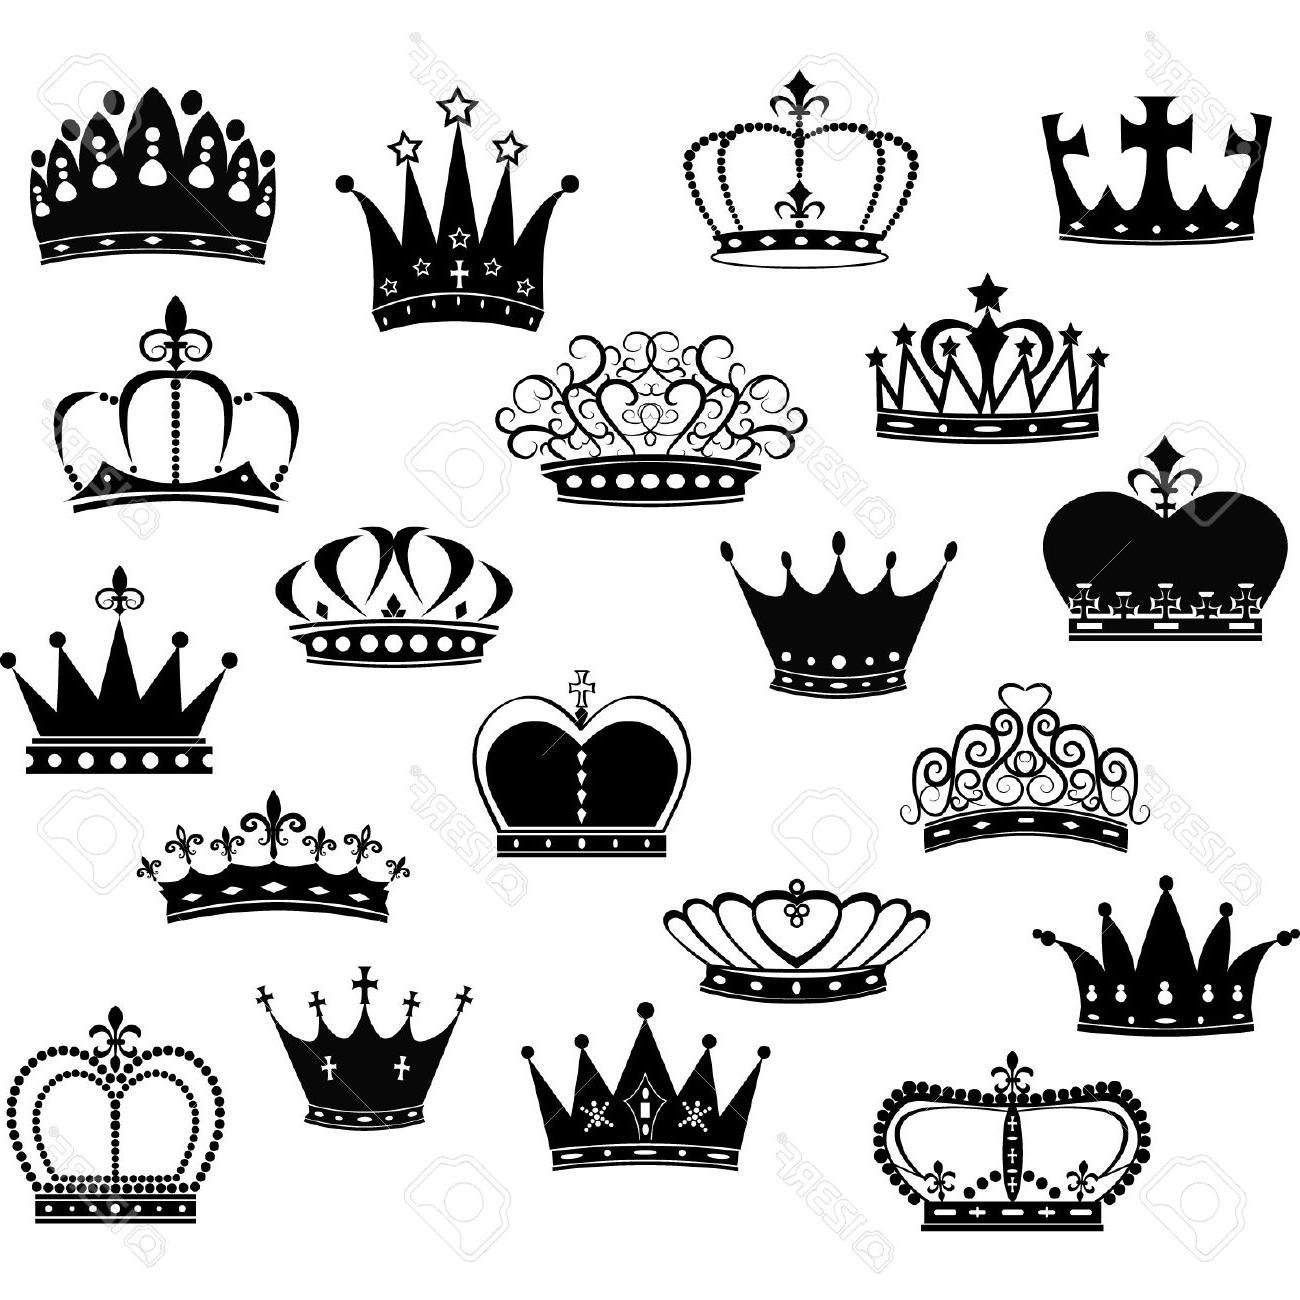 medieval crown drawing at getdrawings com free for personal use medieval crown drawing of your king crown clip art black white king crown clip art black